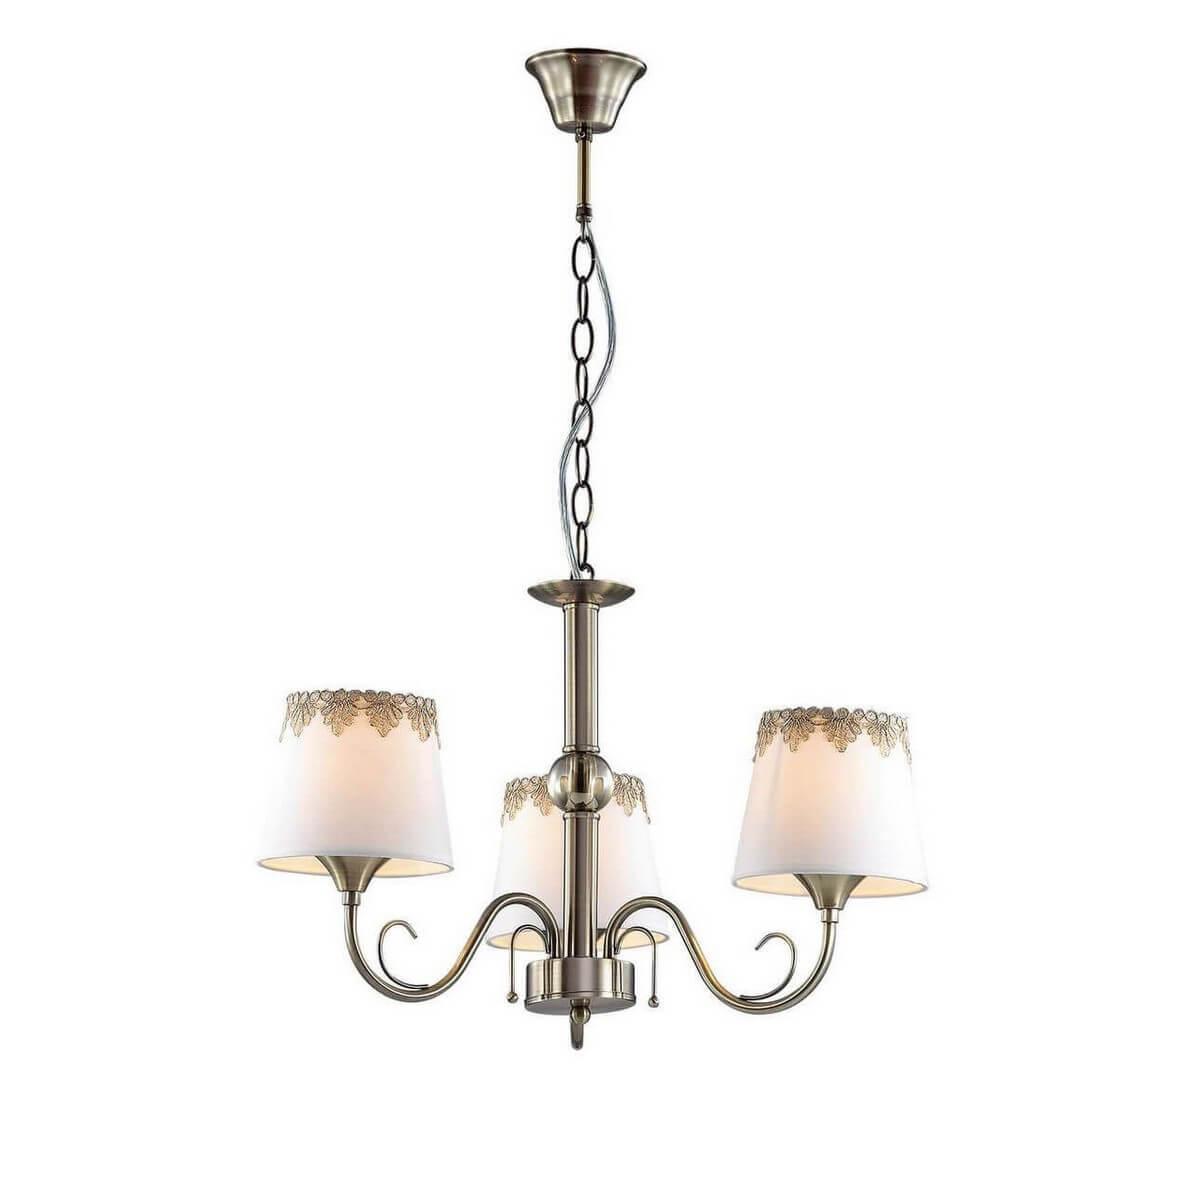 Подвесной светильник Lumion 2998/3, E14, 40 Вт подвесная люстра lumion placida 2998 3